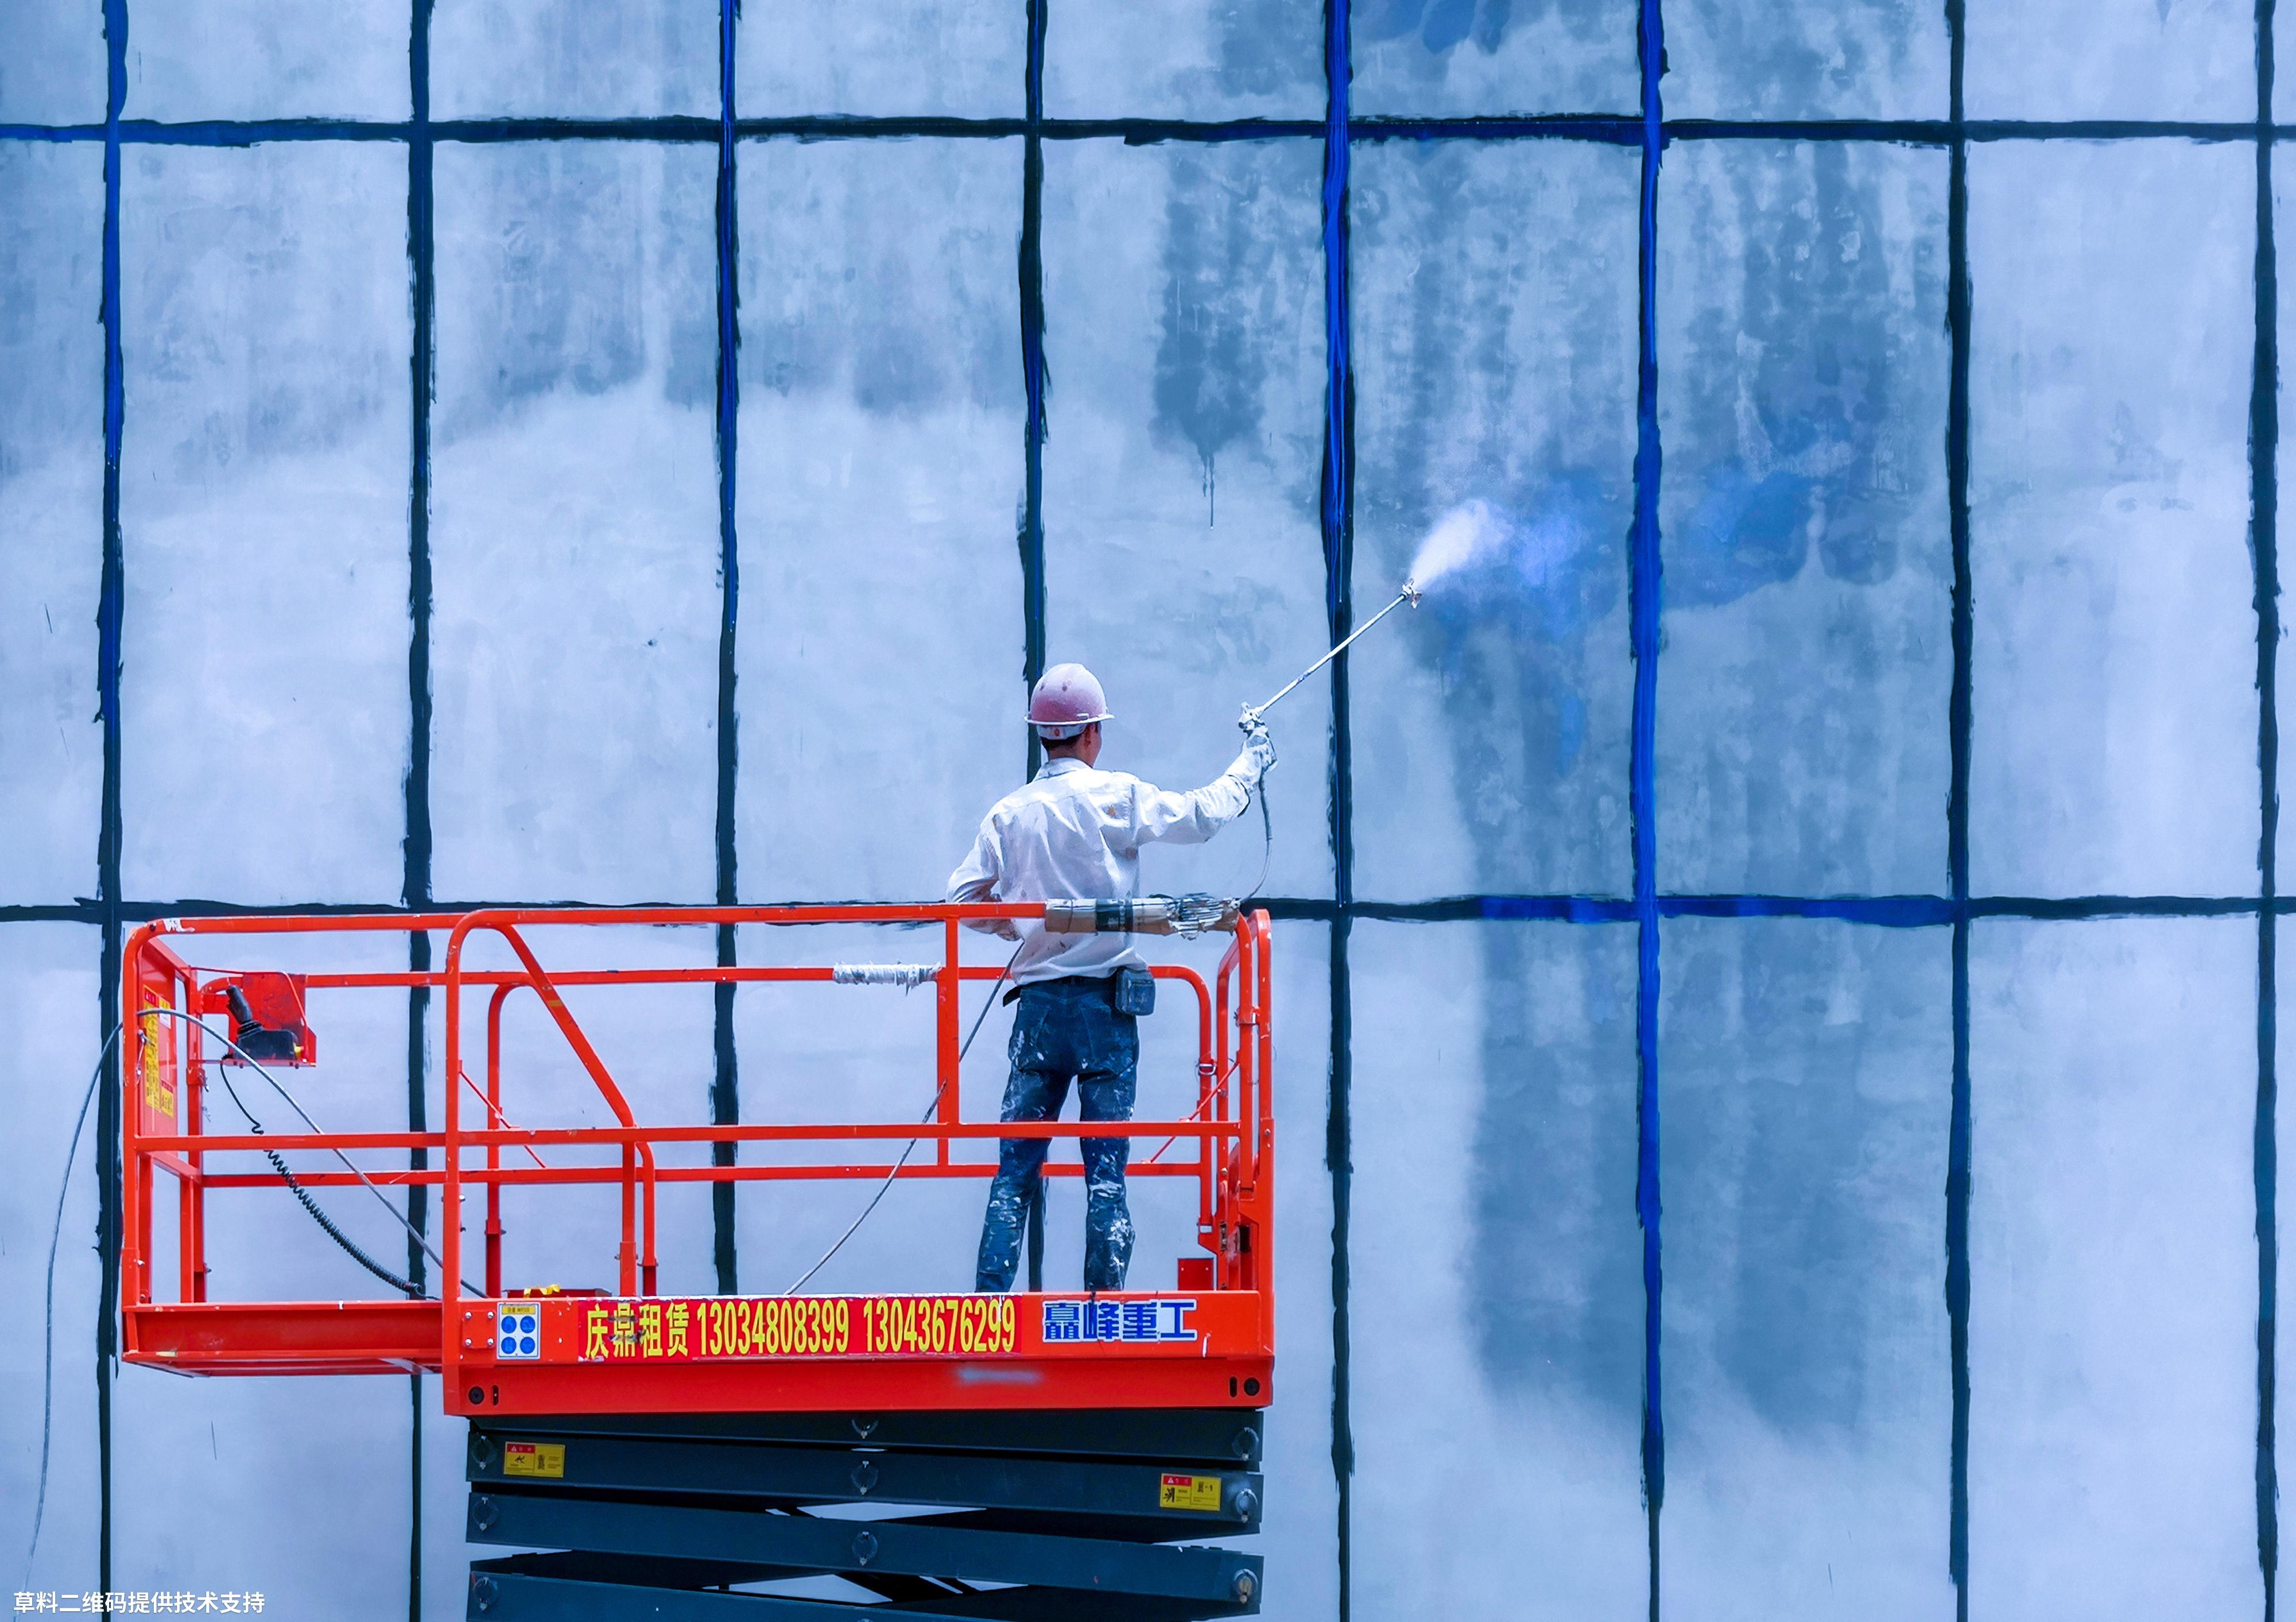 陈建国 《喷》 HUAWEI,正在粉刷外墙的建筑工人.jpg